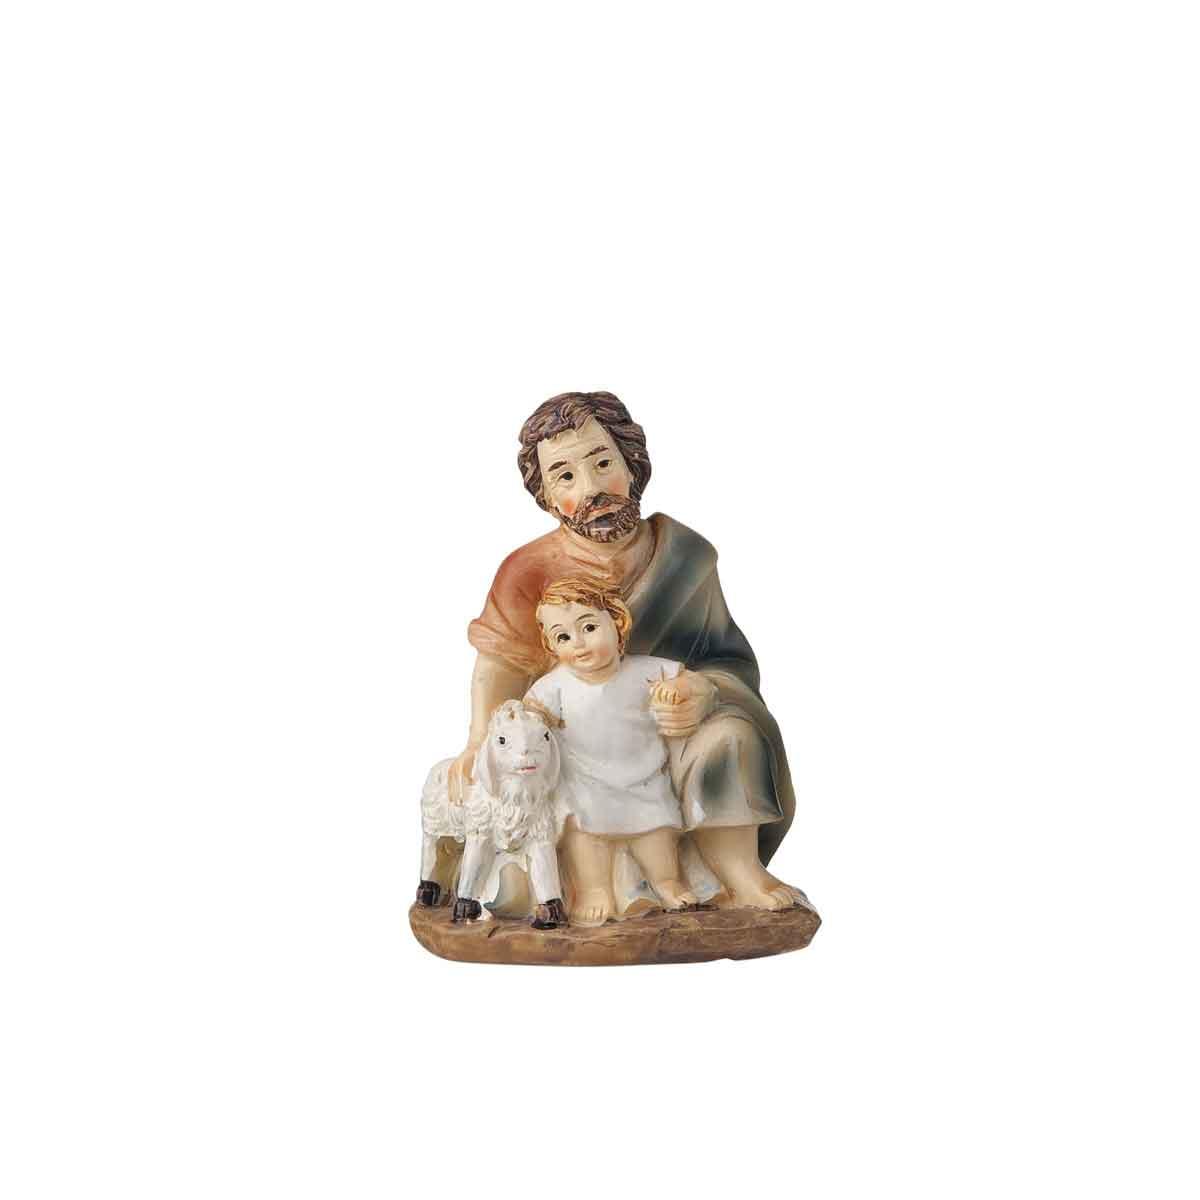 Presepe – Statuetta pastore con bimbo e pecora altezza 12cm